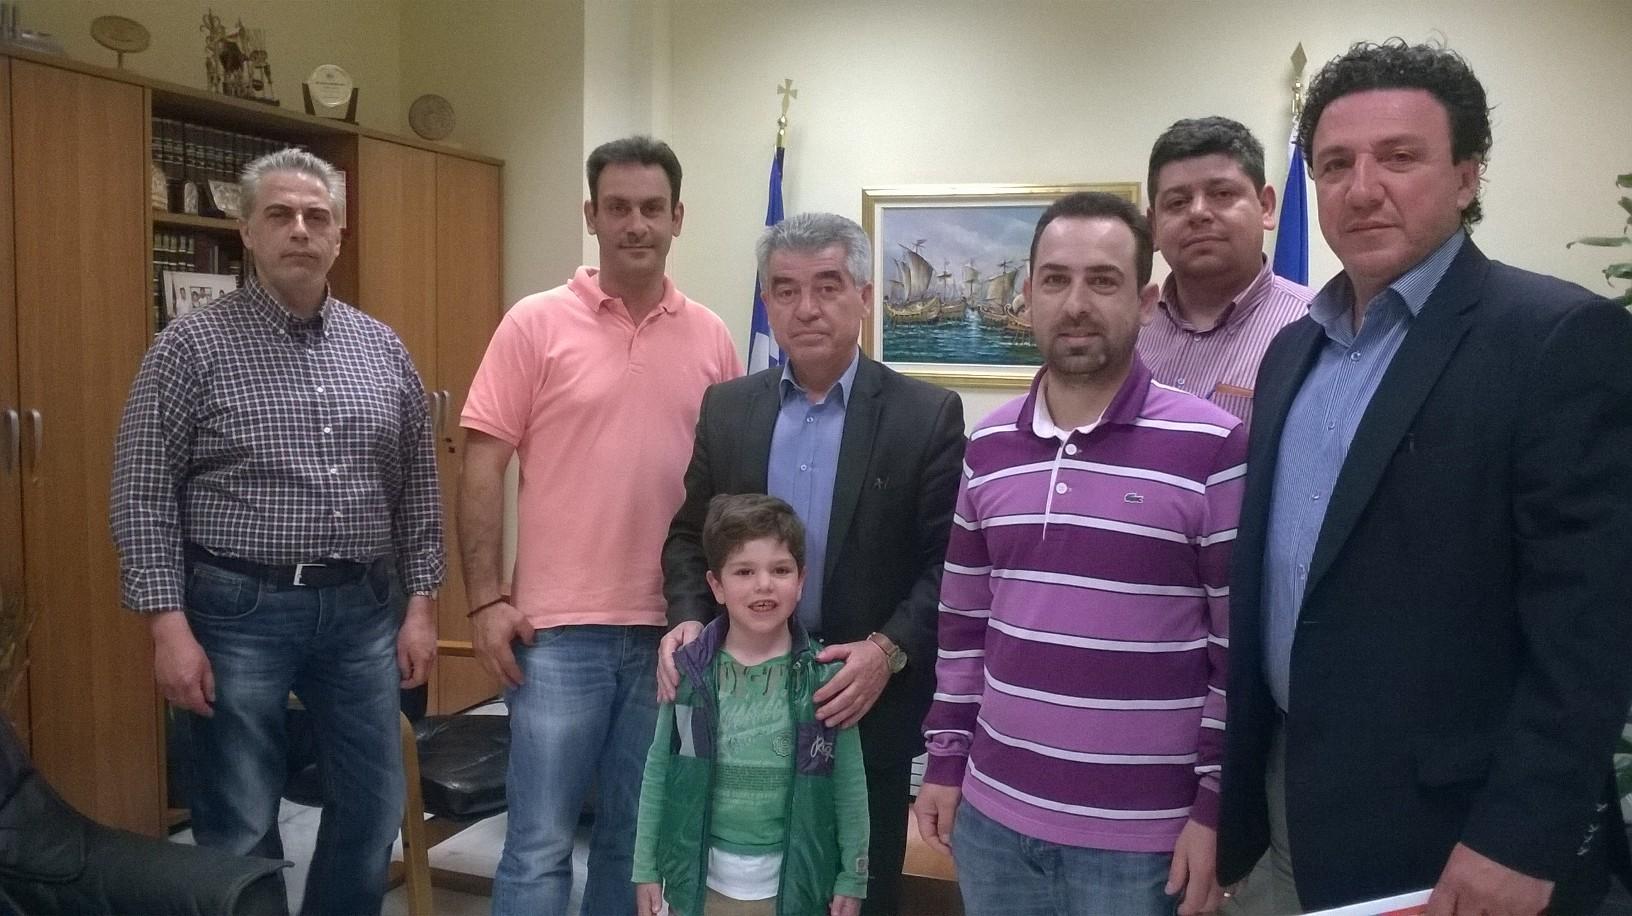 Συνάντηση Δ.Σ. Ε.Σ.Μ. με Δήμαρχο κο Σταμούλη